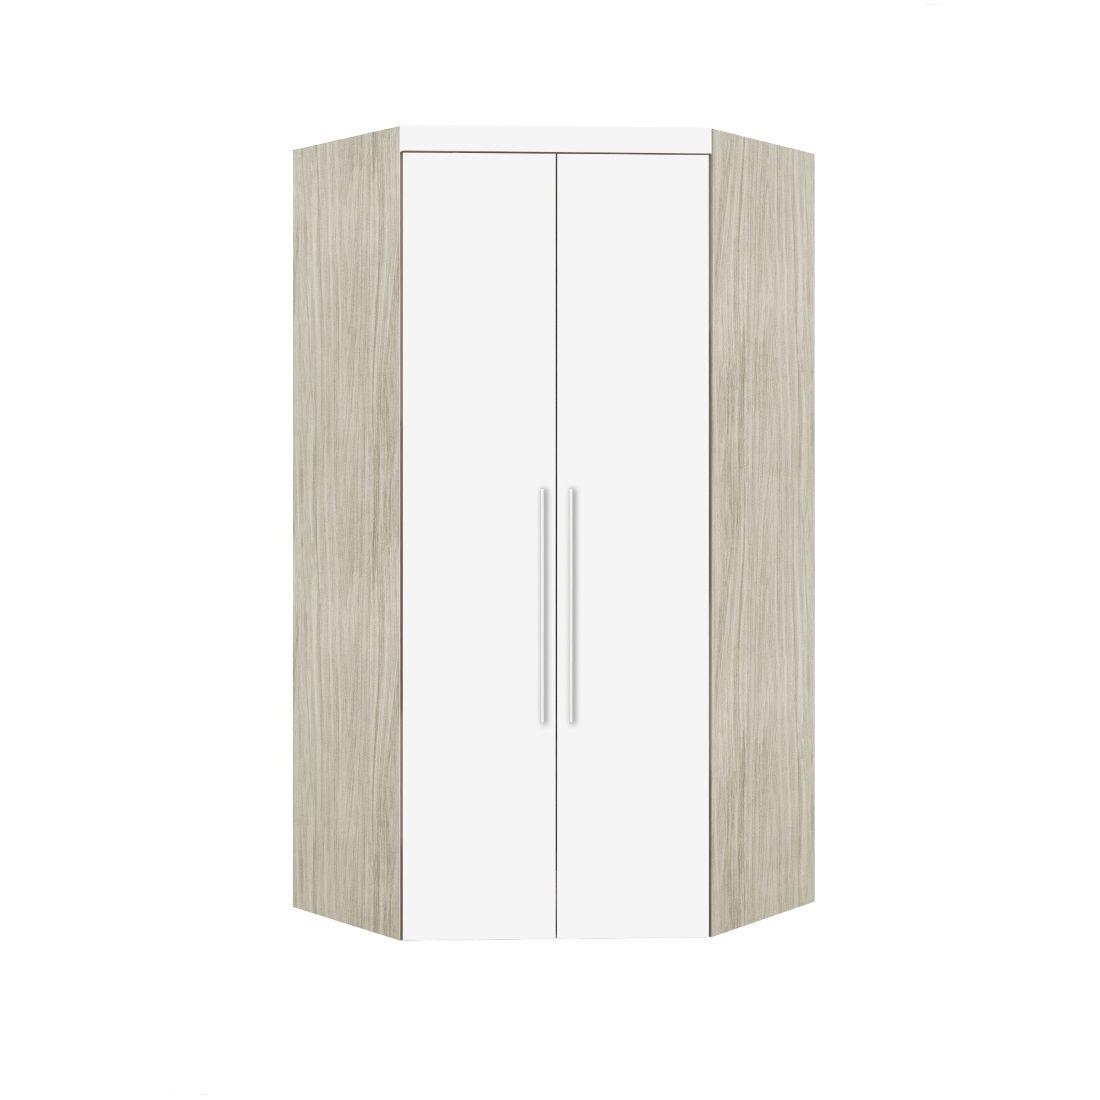 Armário Modulado Supreme Canto Closet Sem Espelho Com Gavetas Rovere e Branco Madeirado Robel Móveis